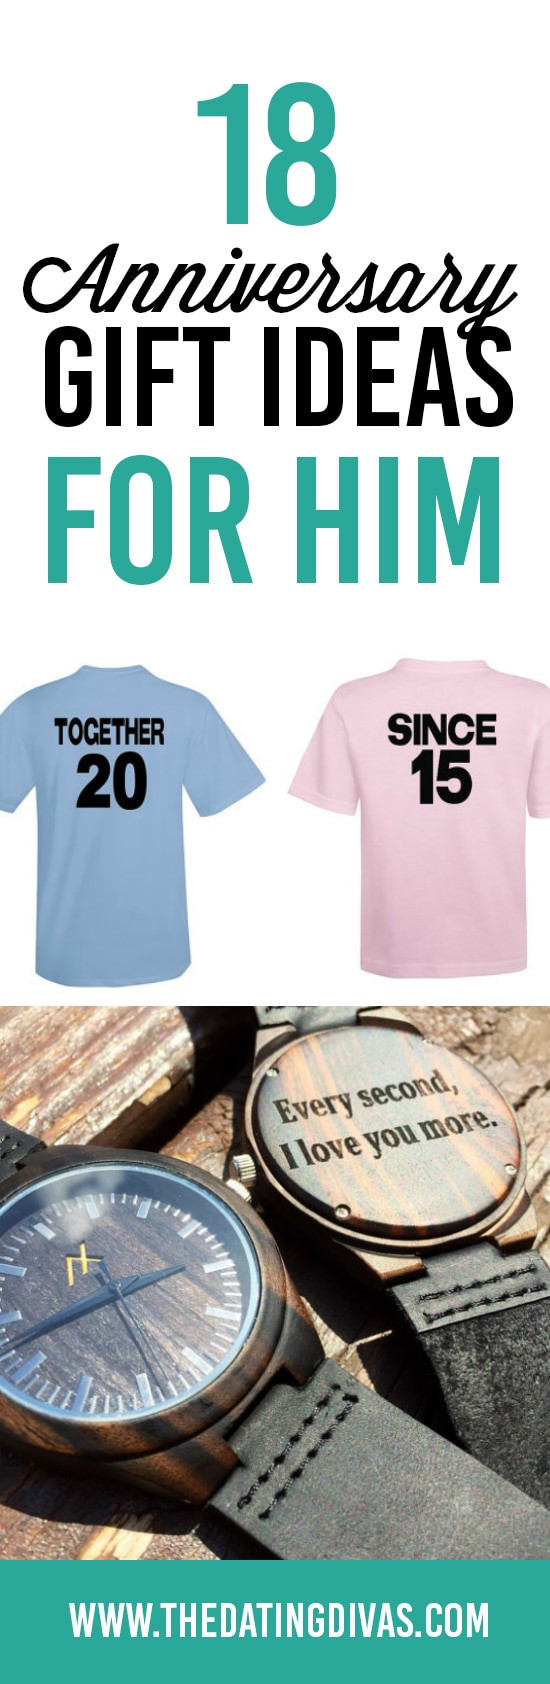 Best ideas about Boyfriend Anniversary Gift Ideas . Save or Pin Anniversary Gift Ideas Now.